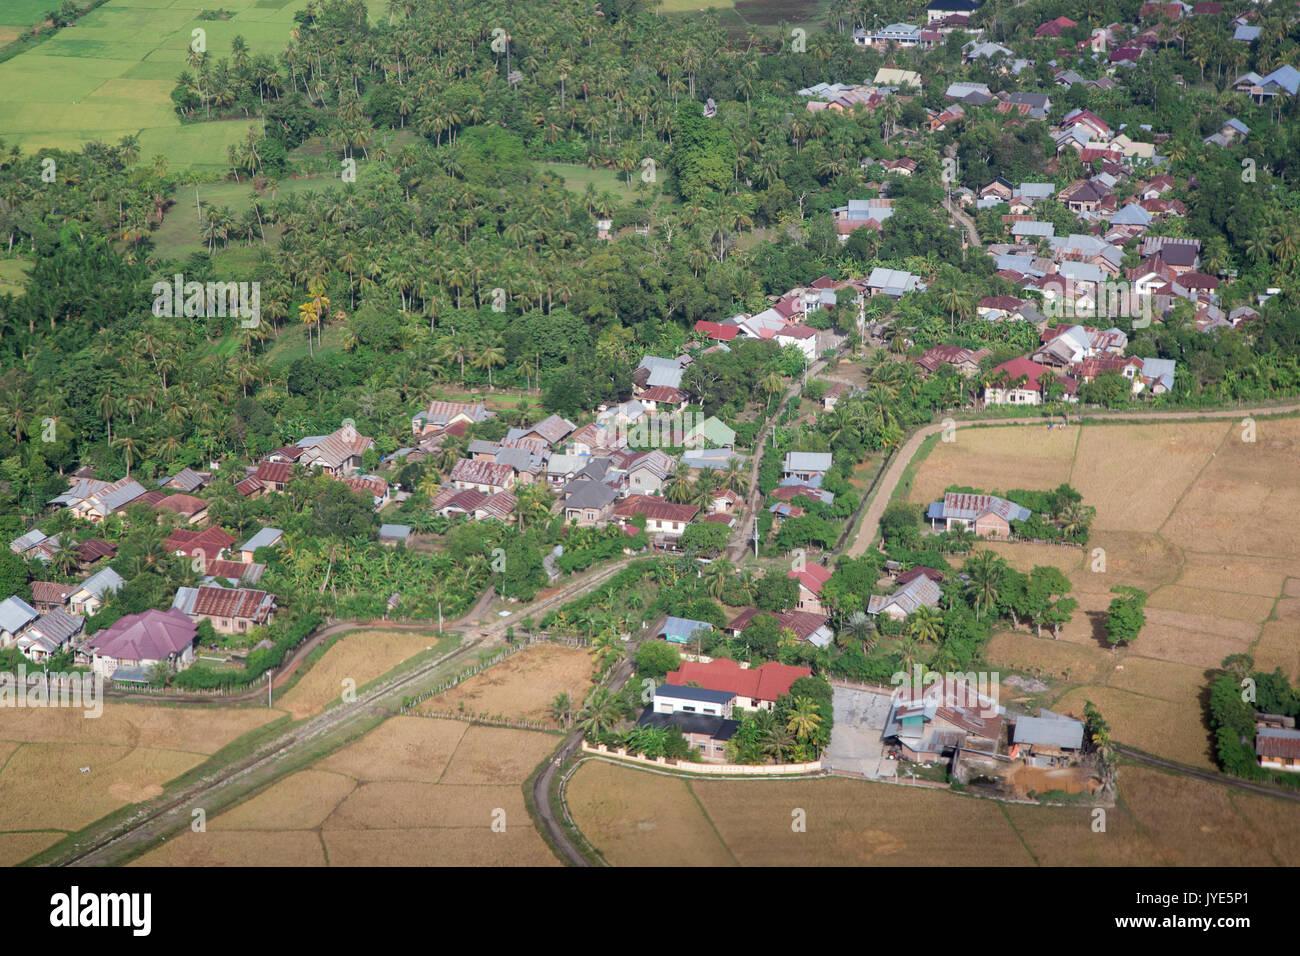 Banda Aceh vista aerea della zona residenziale Immagini Stock